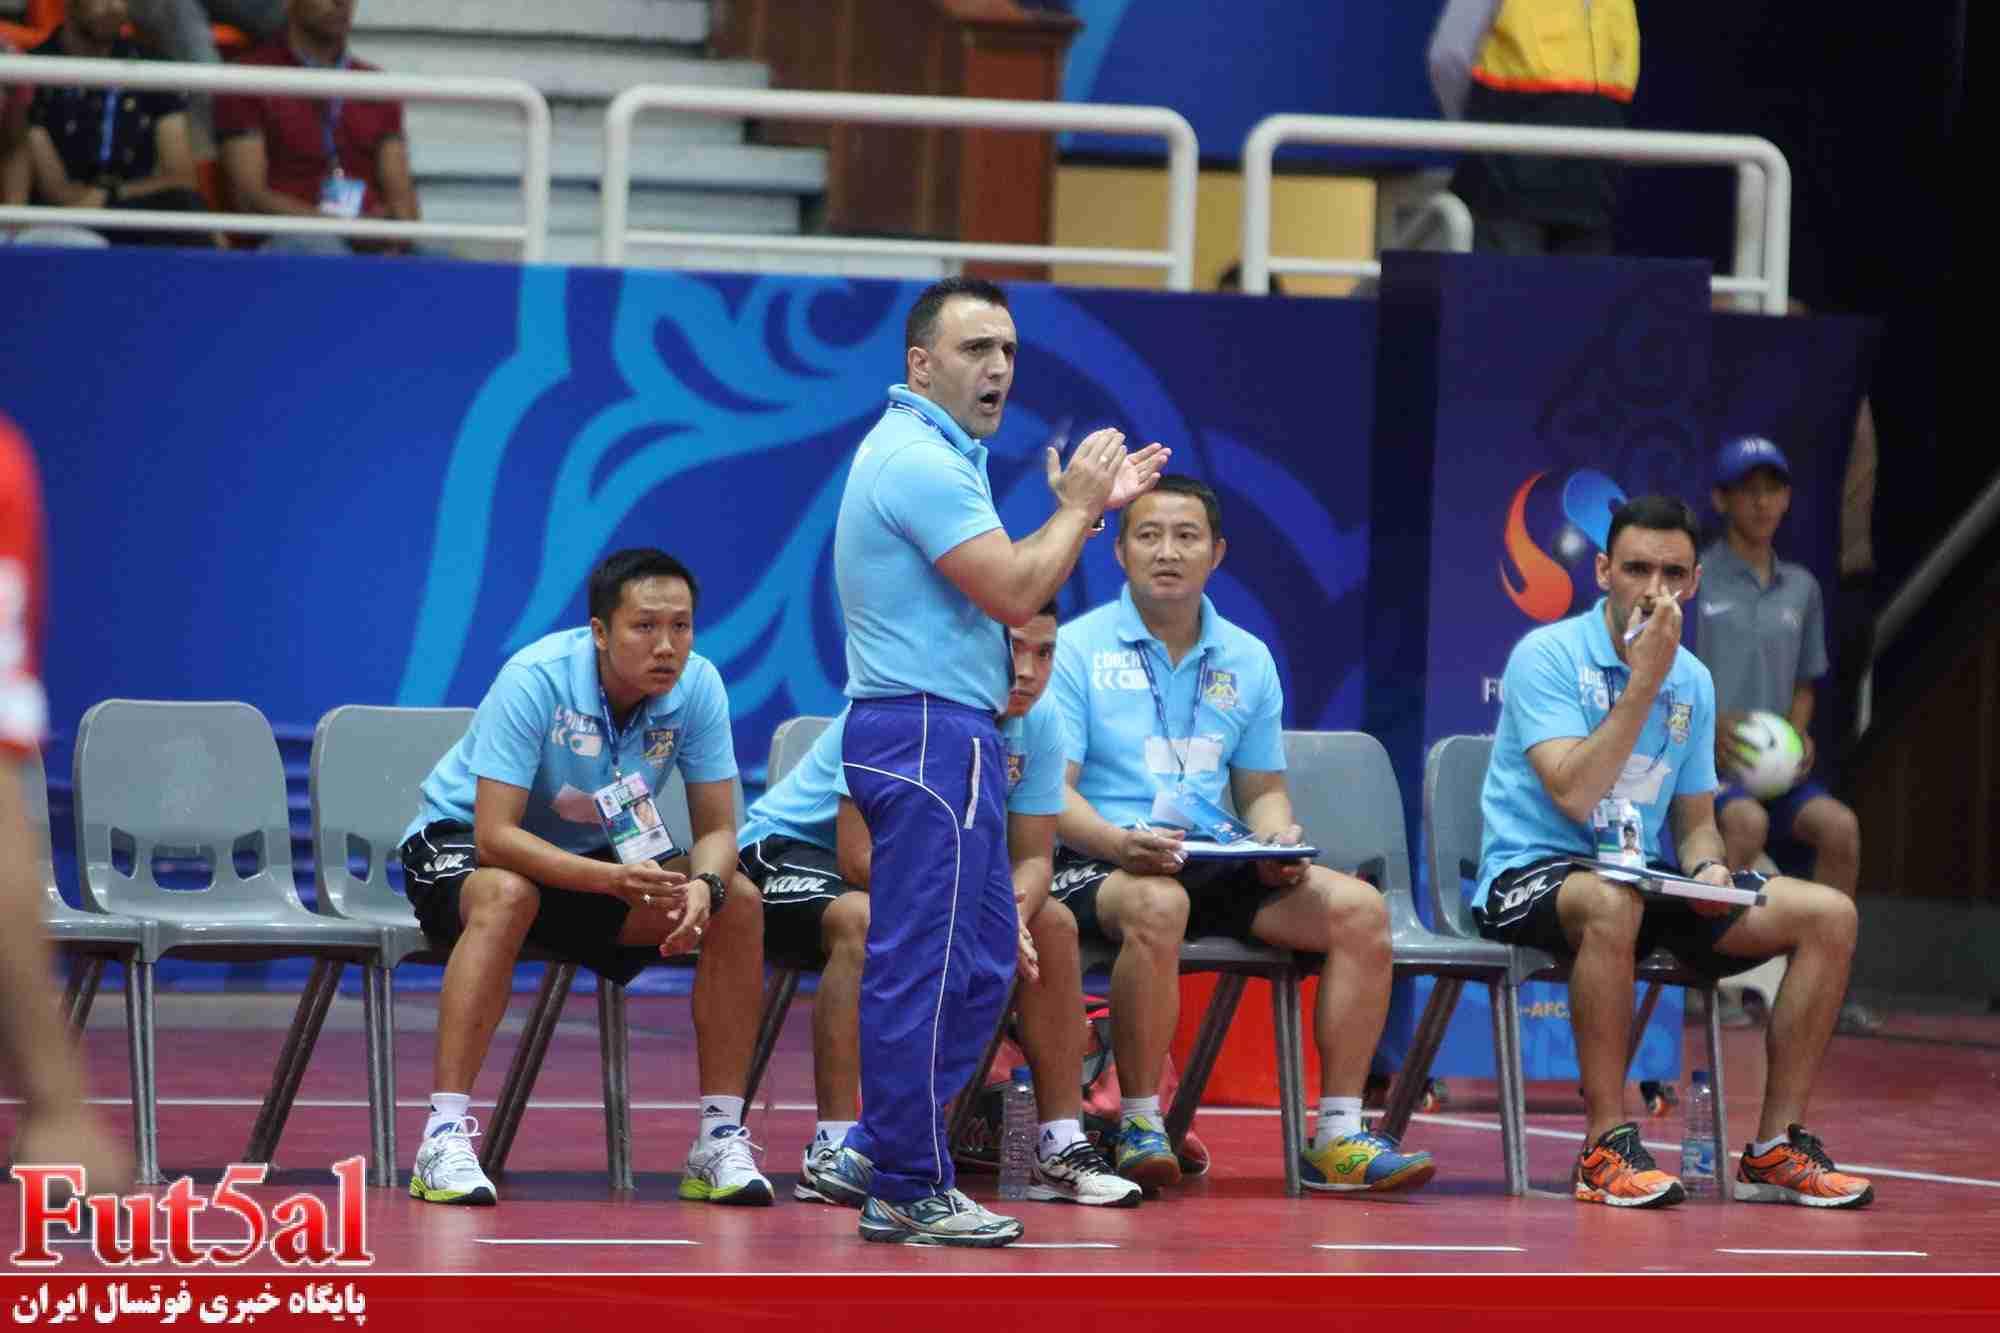 سرمربی تای سون نام ویتنام: بازیکنان ما براساس برنامه و دستورات بازی کردند